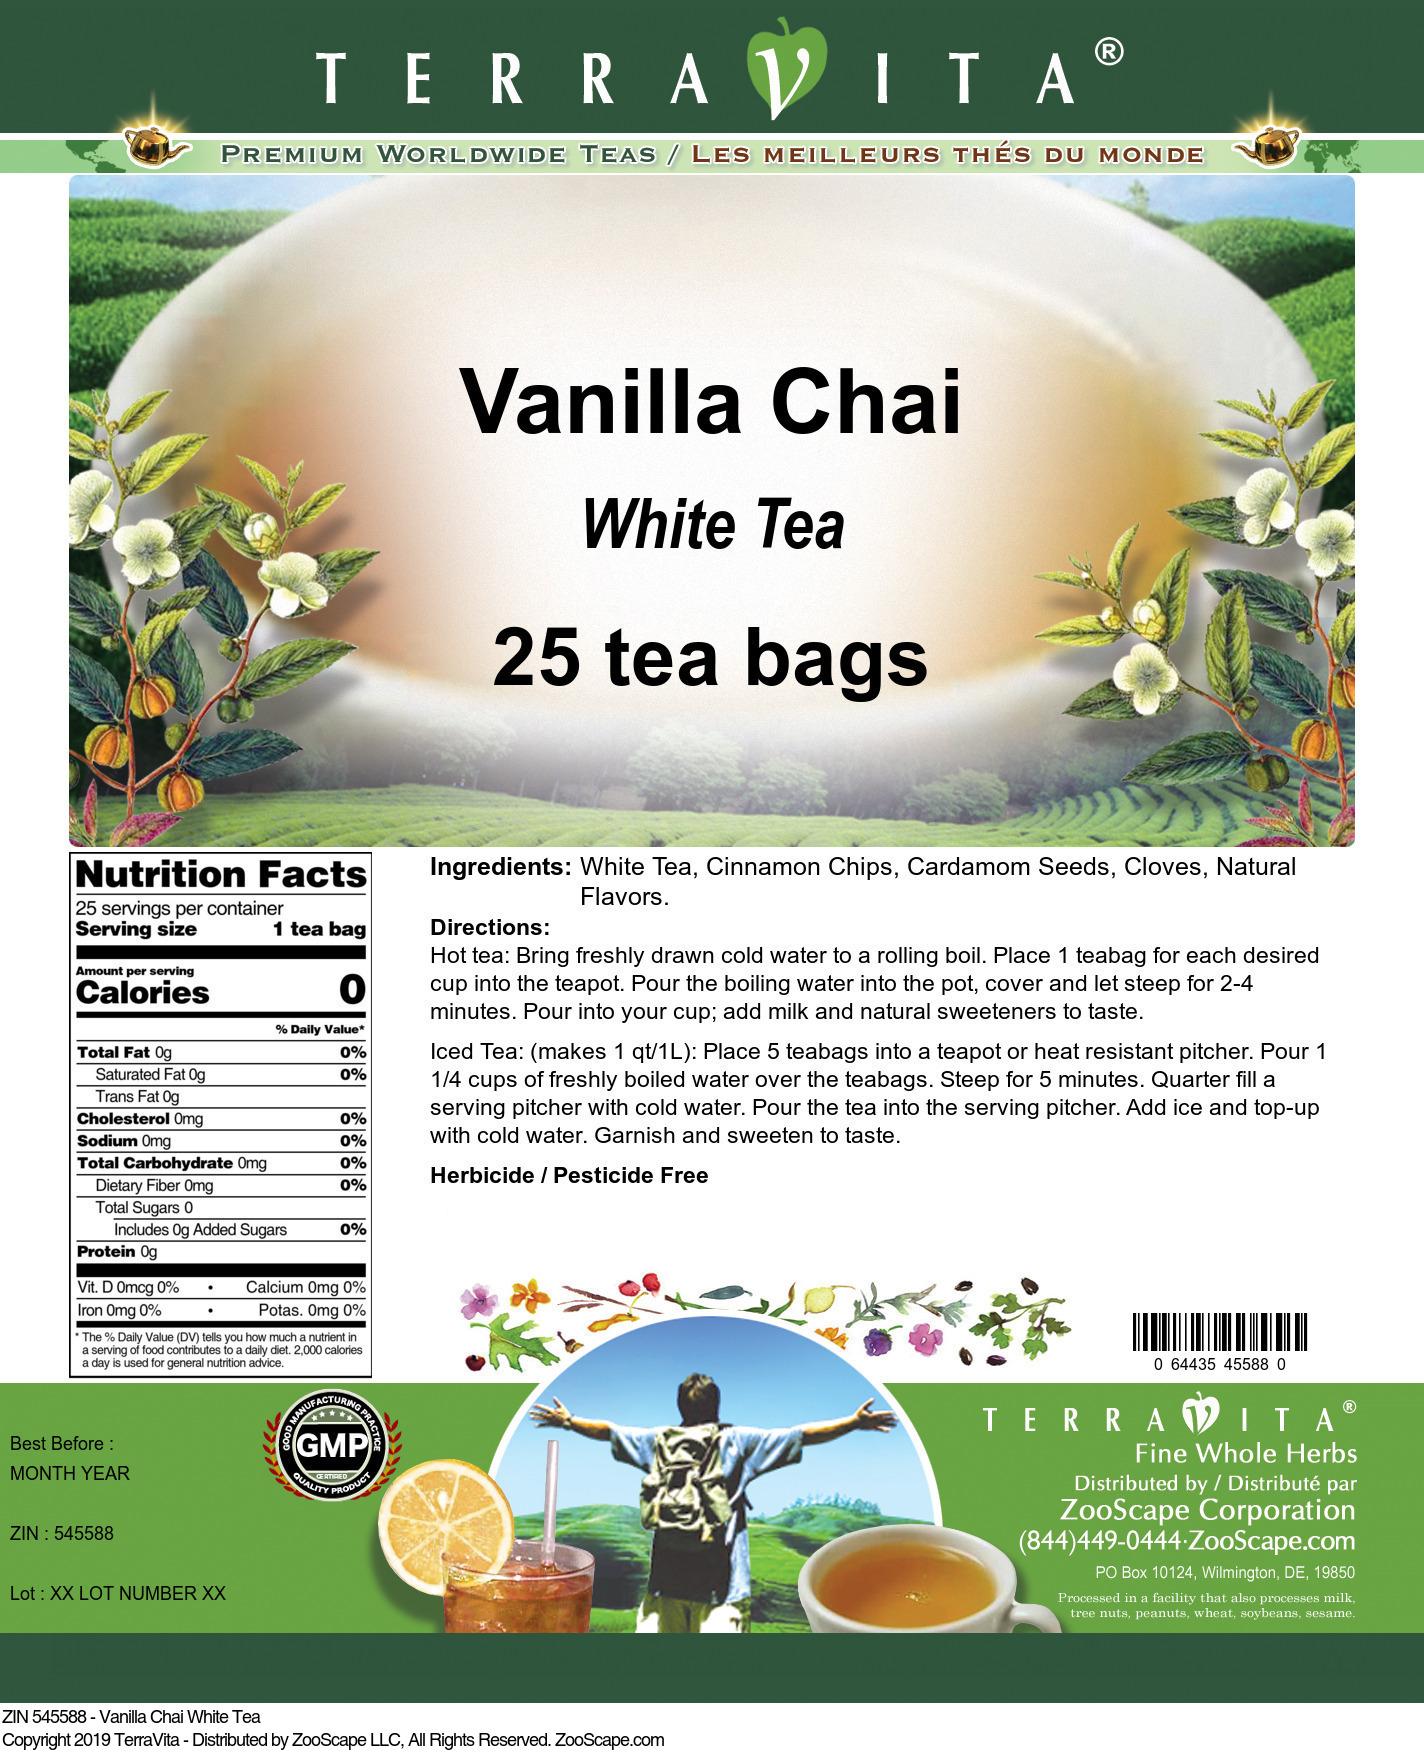 Vanilla Chai White Tea